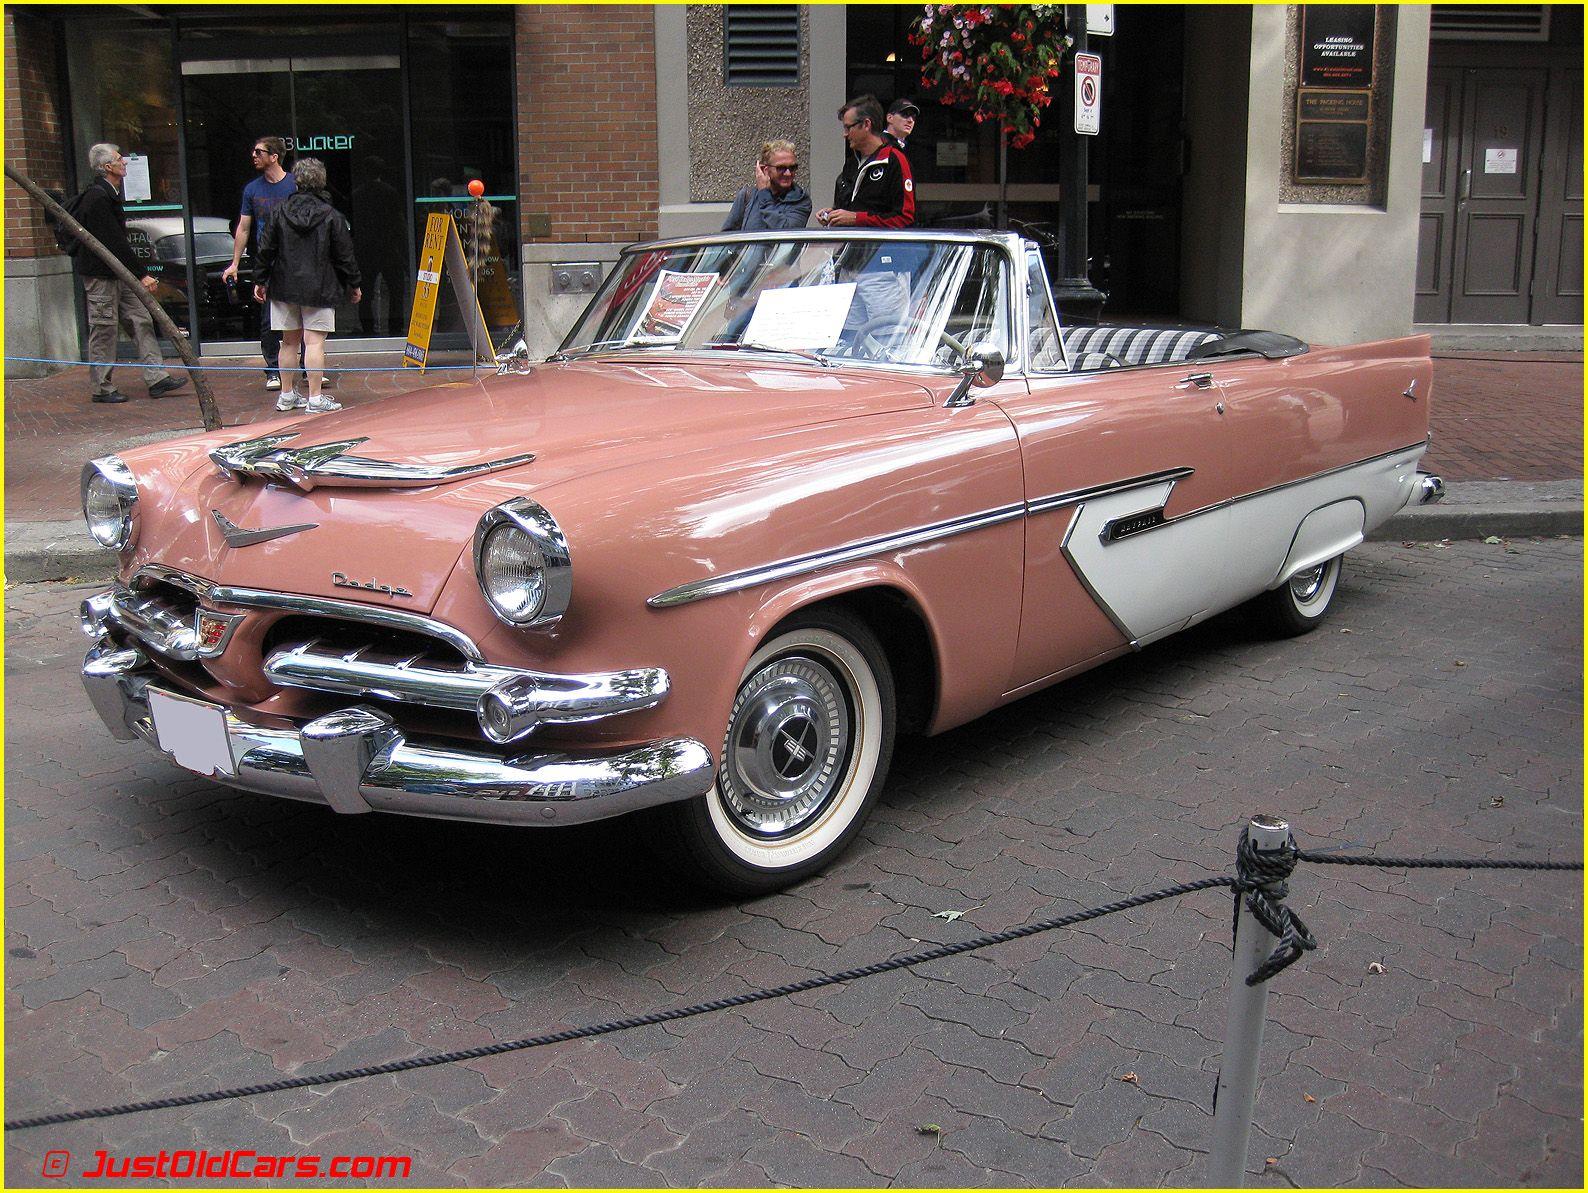 1955 dodge royal lancer convertible cream black fvr cars - 1956 Dodge Pictures Oldcarcafe Com Dodge Pinterest Pictures And Dodge